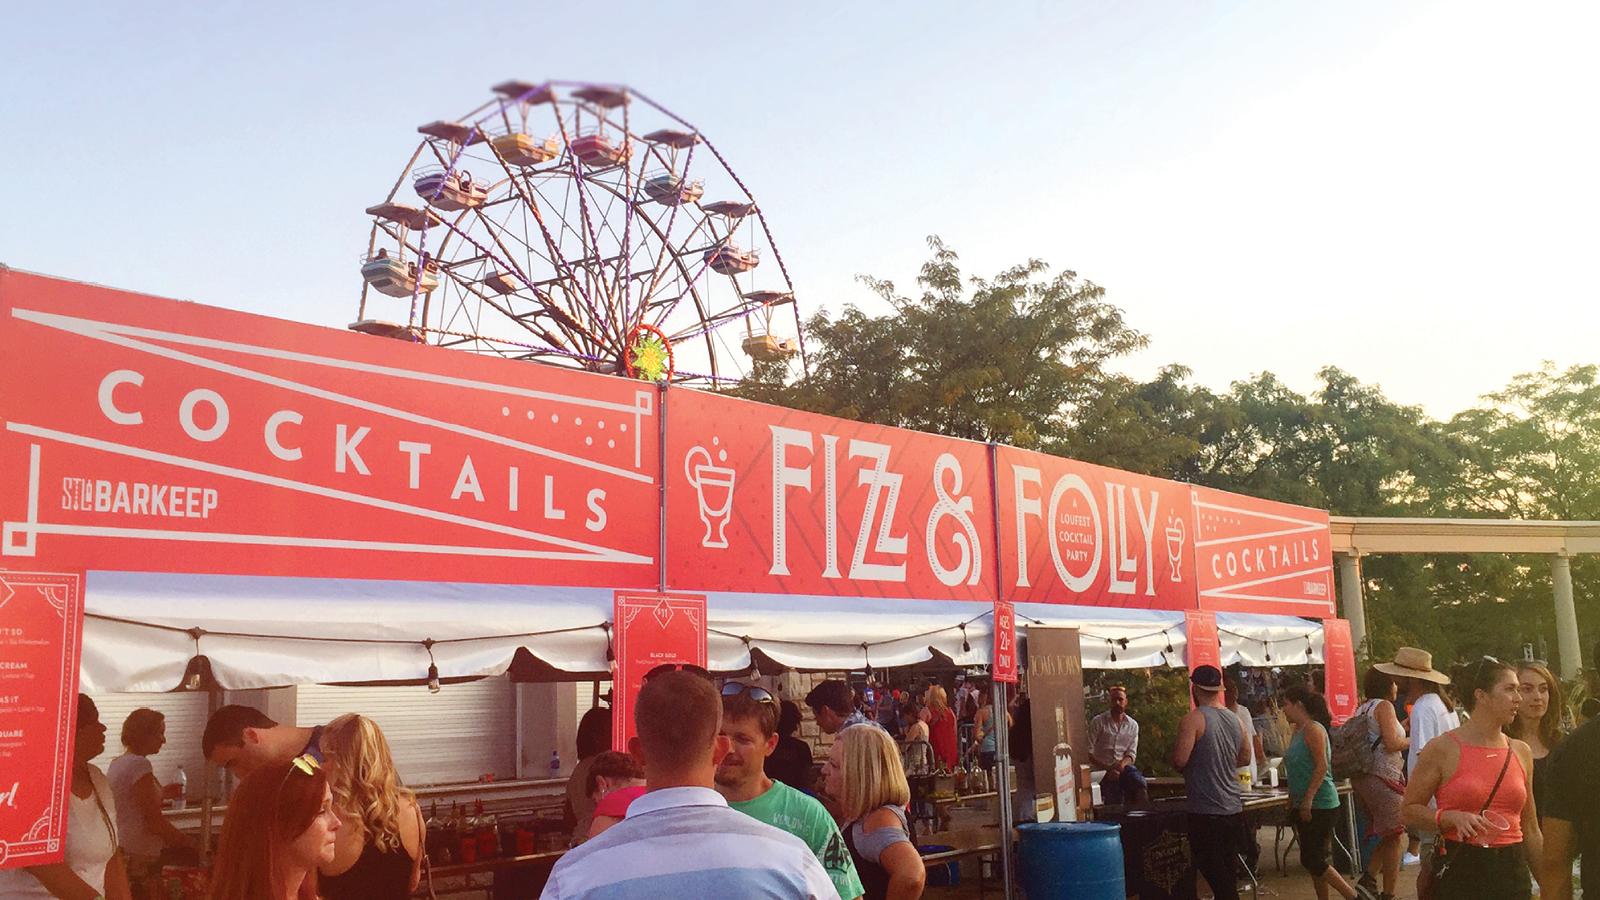 LouFest Fizz & Folly